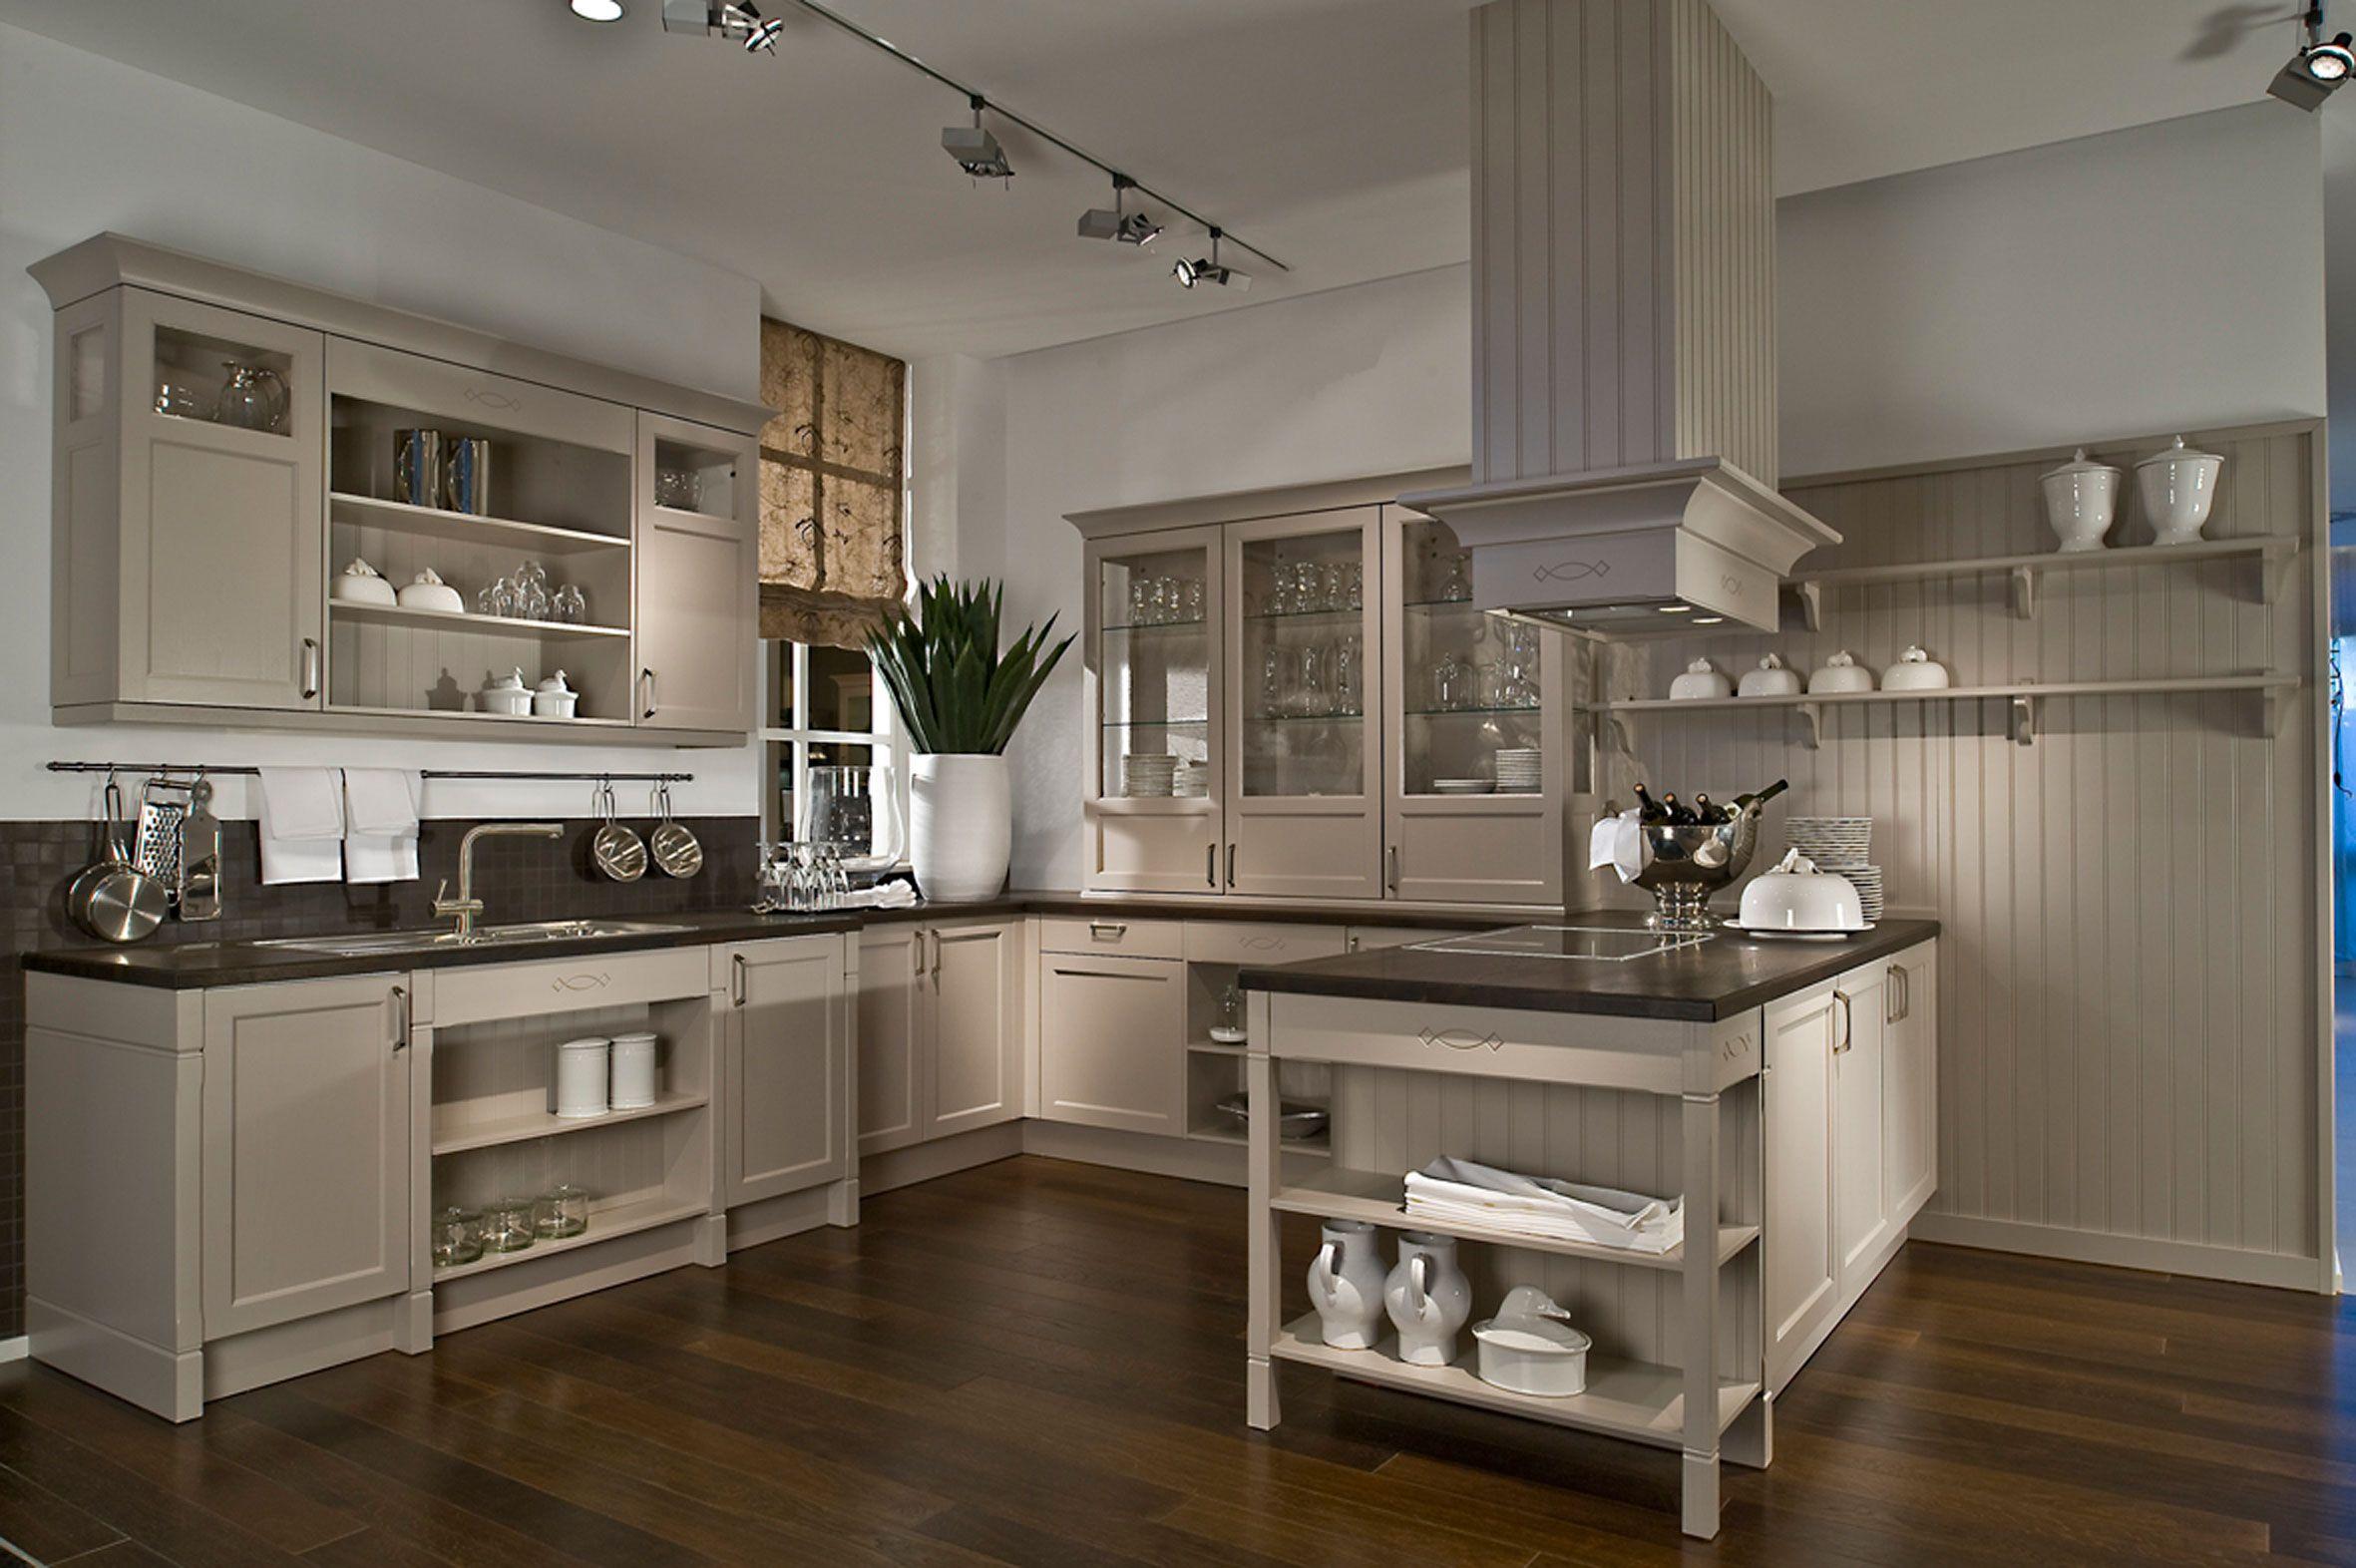 Groß Forbes 8 Küchentrends Zu Vermeiden Galerie - Ideen Für Die ...